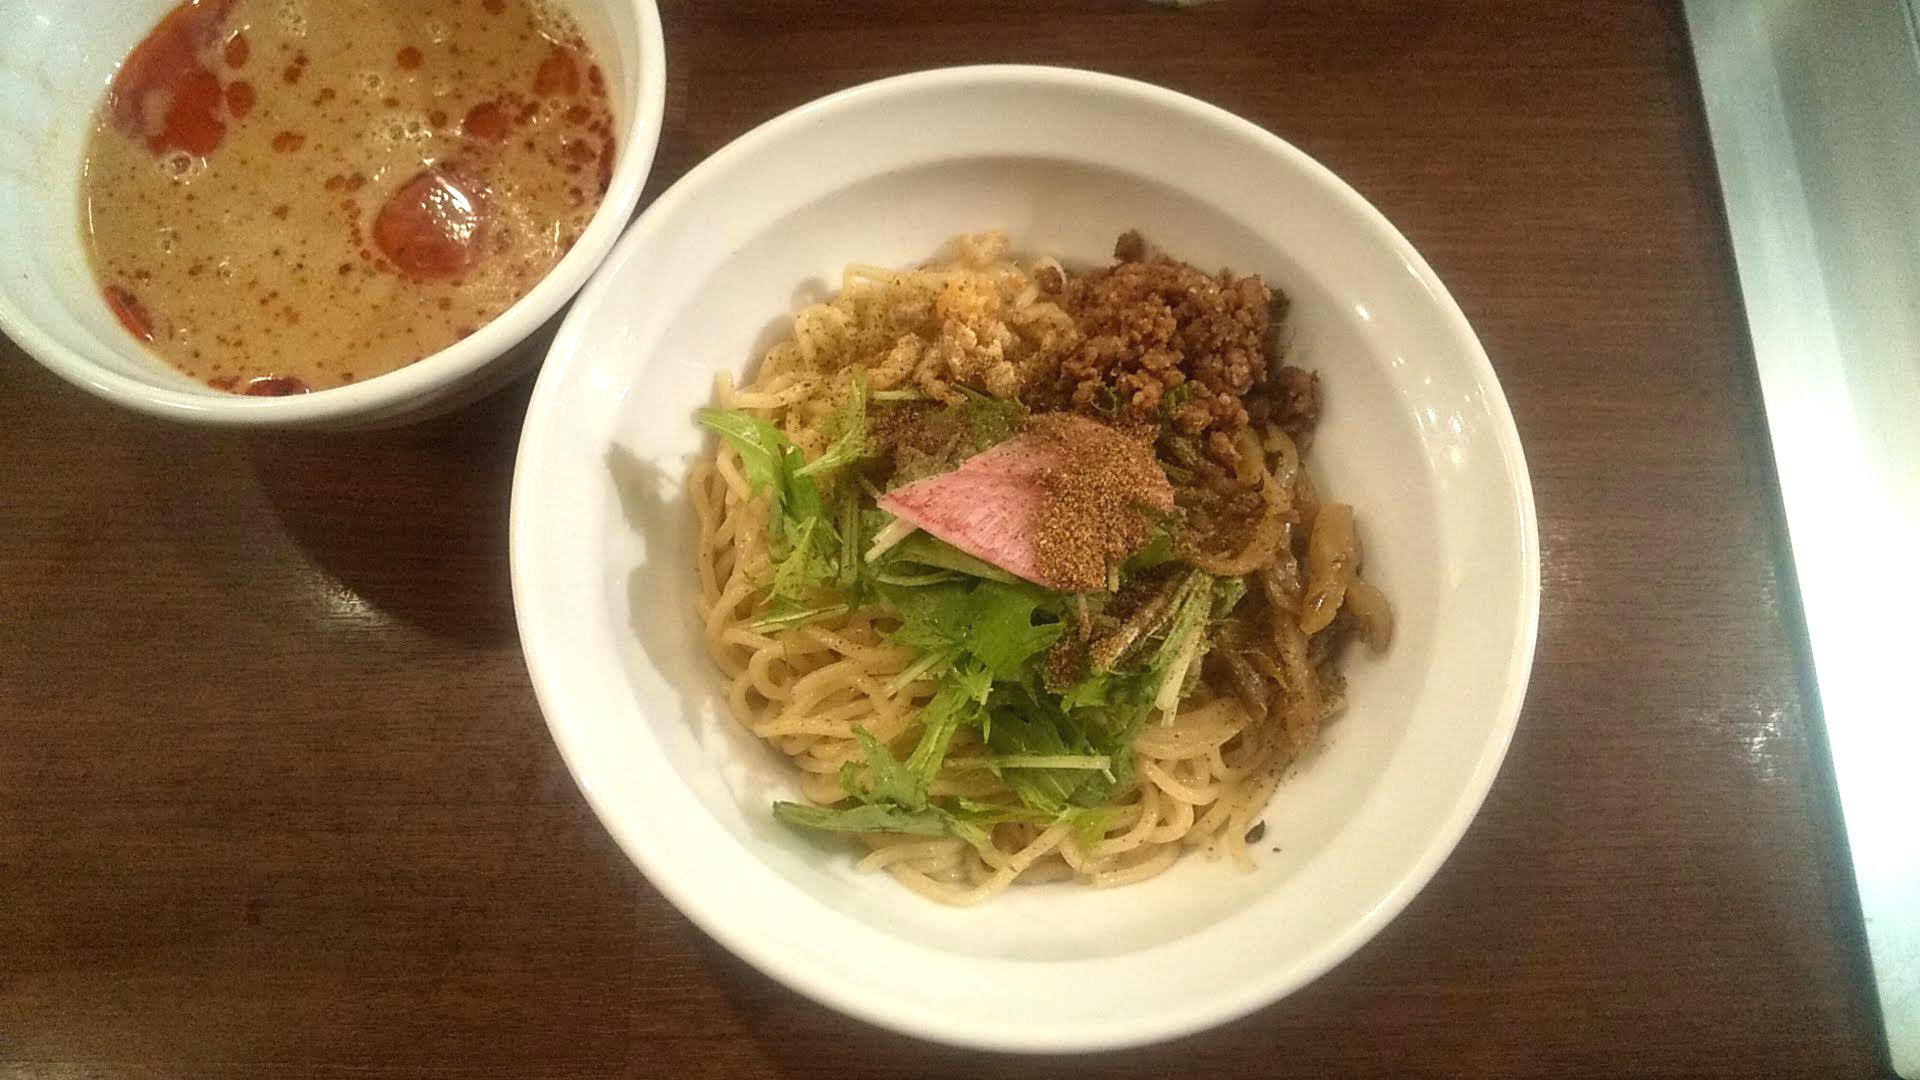 Xingfuの坦々つけ麺の麺皿の写真